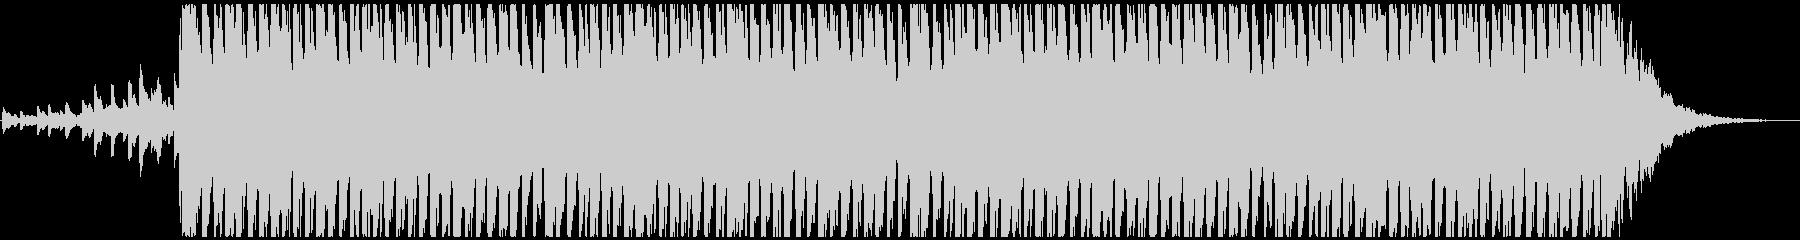 生アコギ、ピアノ、軽快、爽快、シンプルの未再生の波形